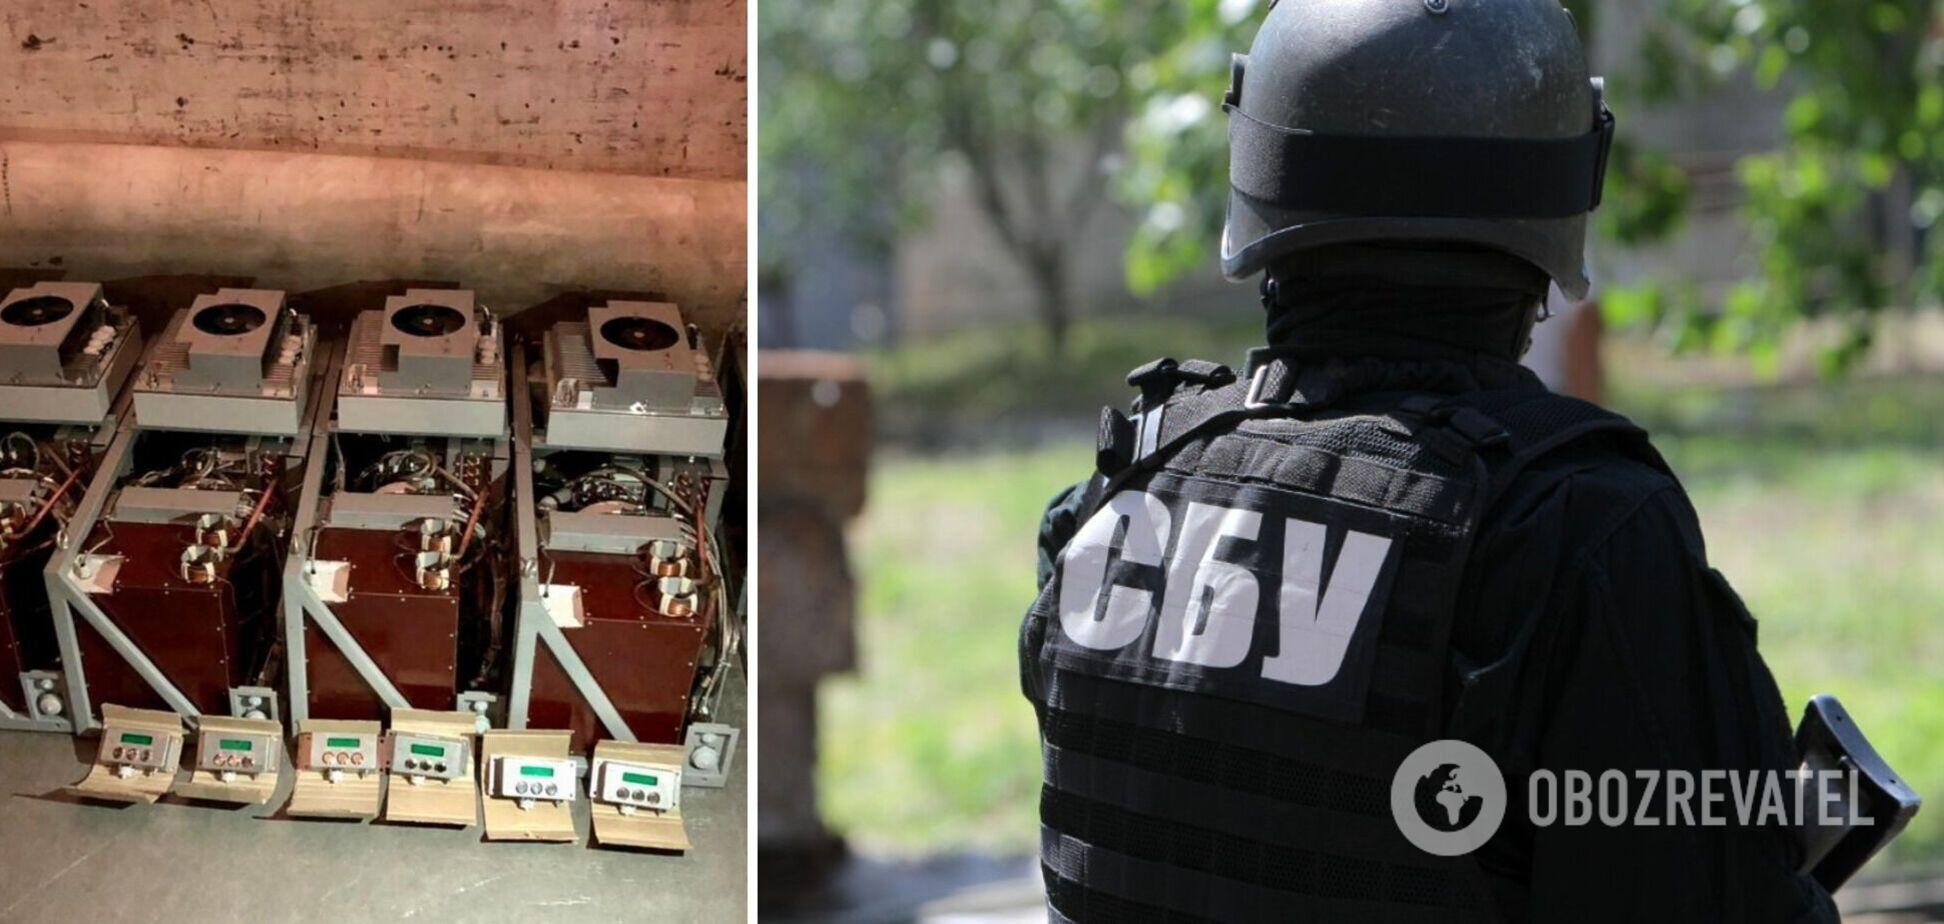 На Харьковщине злоумышленники изготавливали и передавали в РФ комплектующие для военной техники